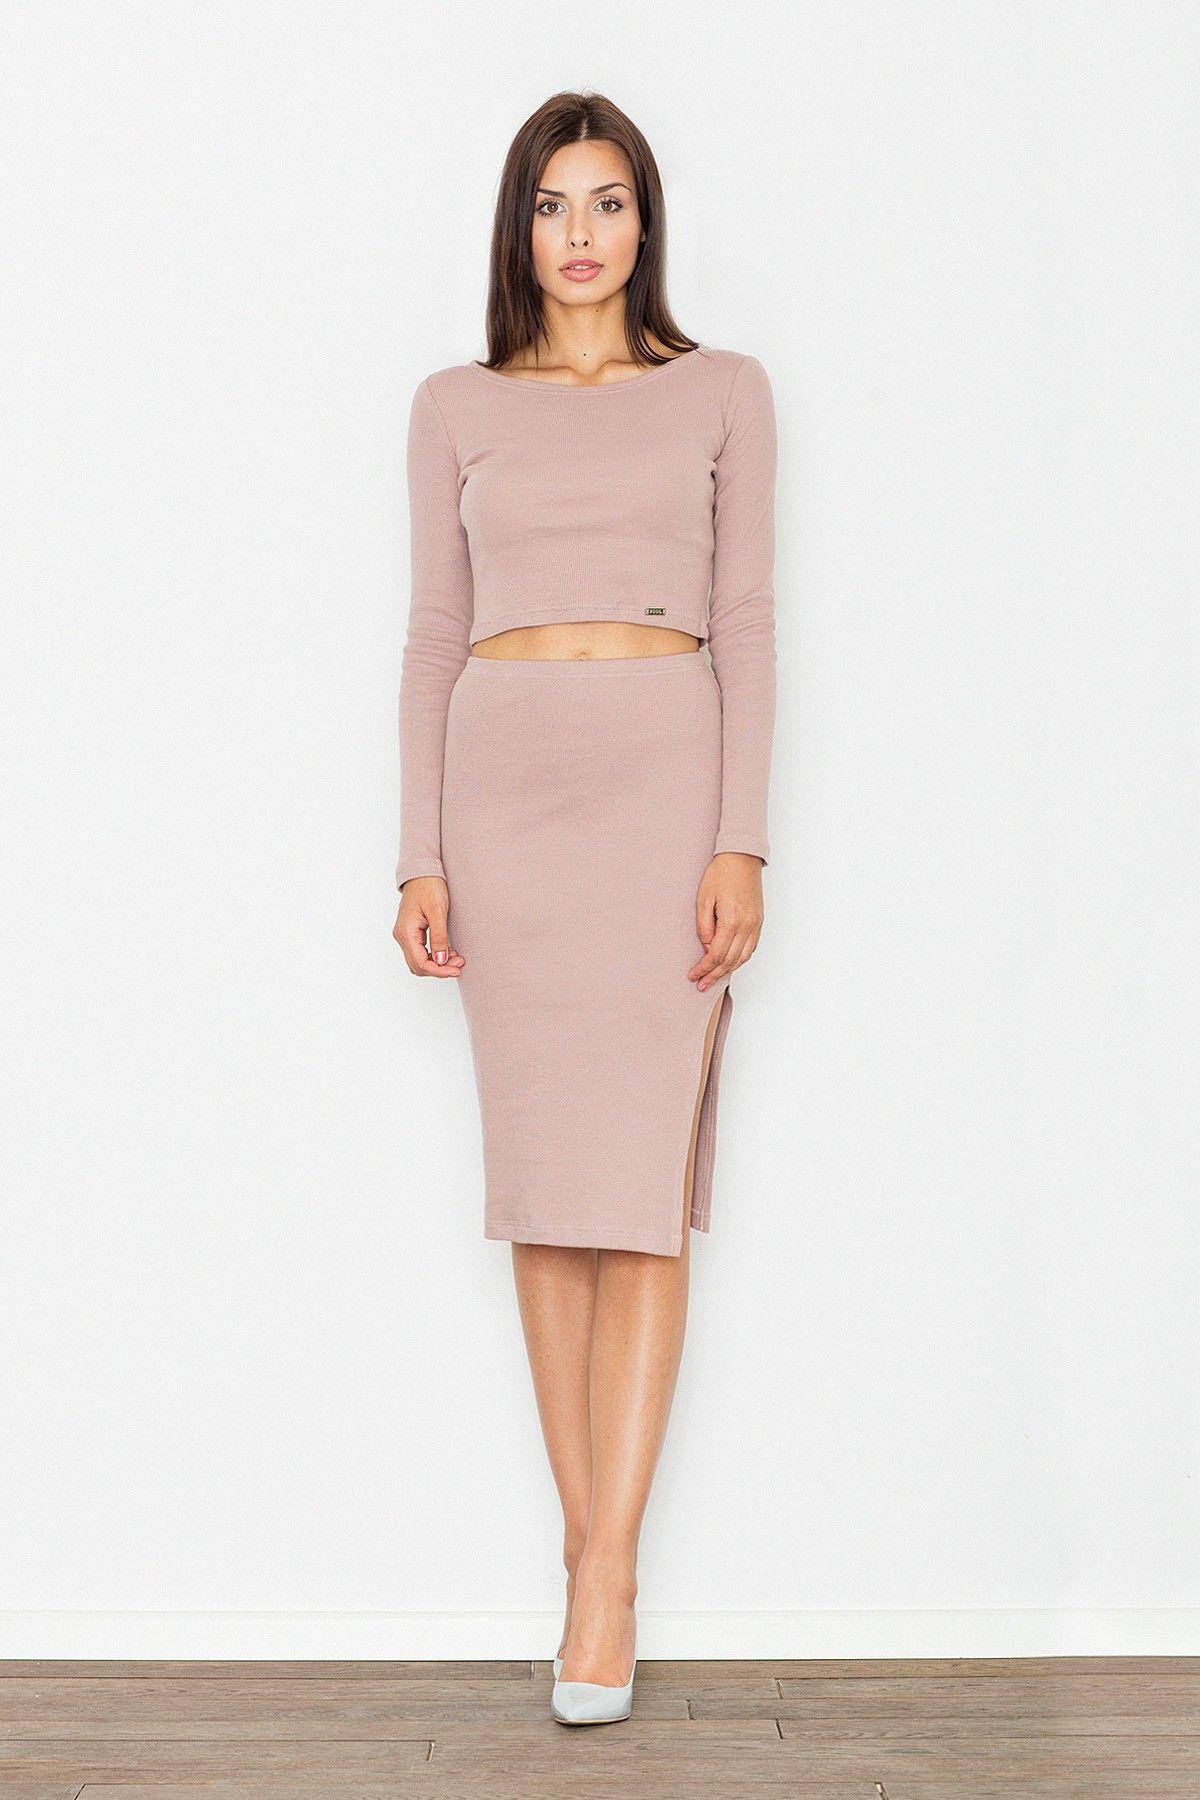 Jasno Różowy Dwuczęściowy Komplet Krótka Bluzka + Ołówkowa Midi Spódnica